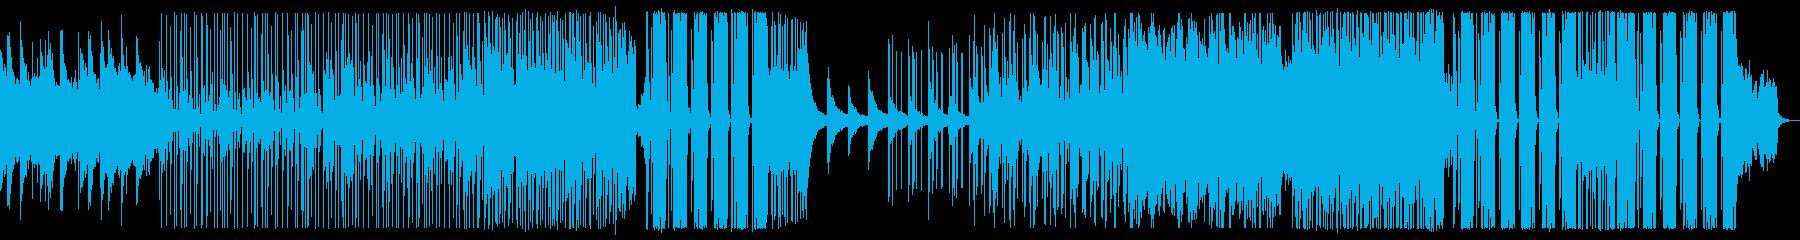 元気になる汎用的なエレクトロBGMの再生済みの波形